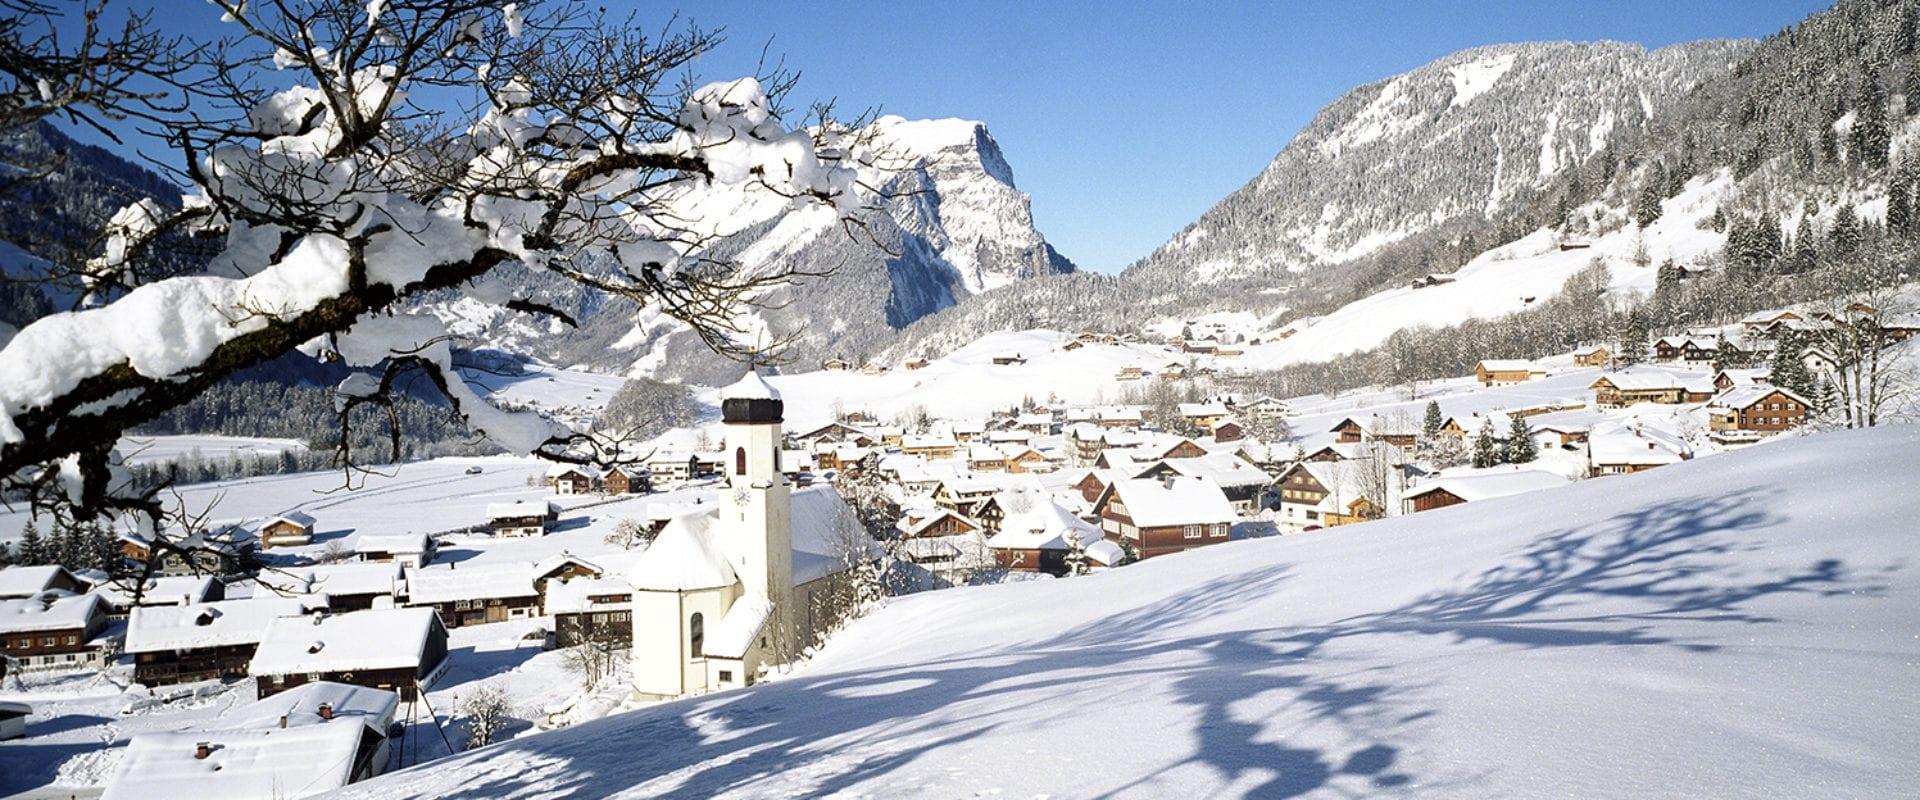 The Bregenzerwald